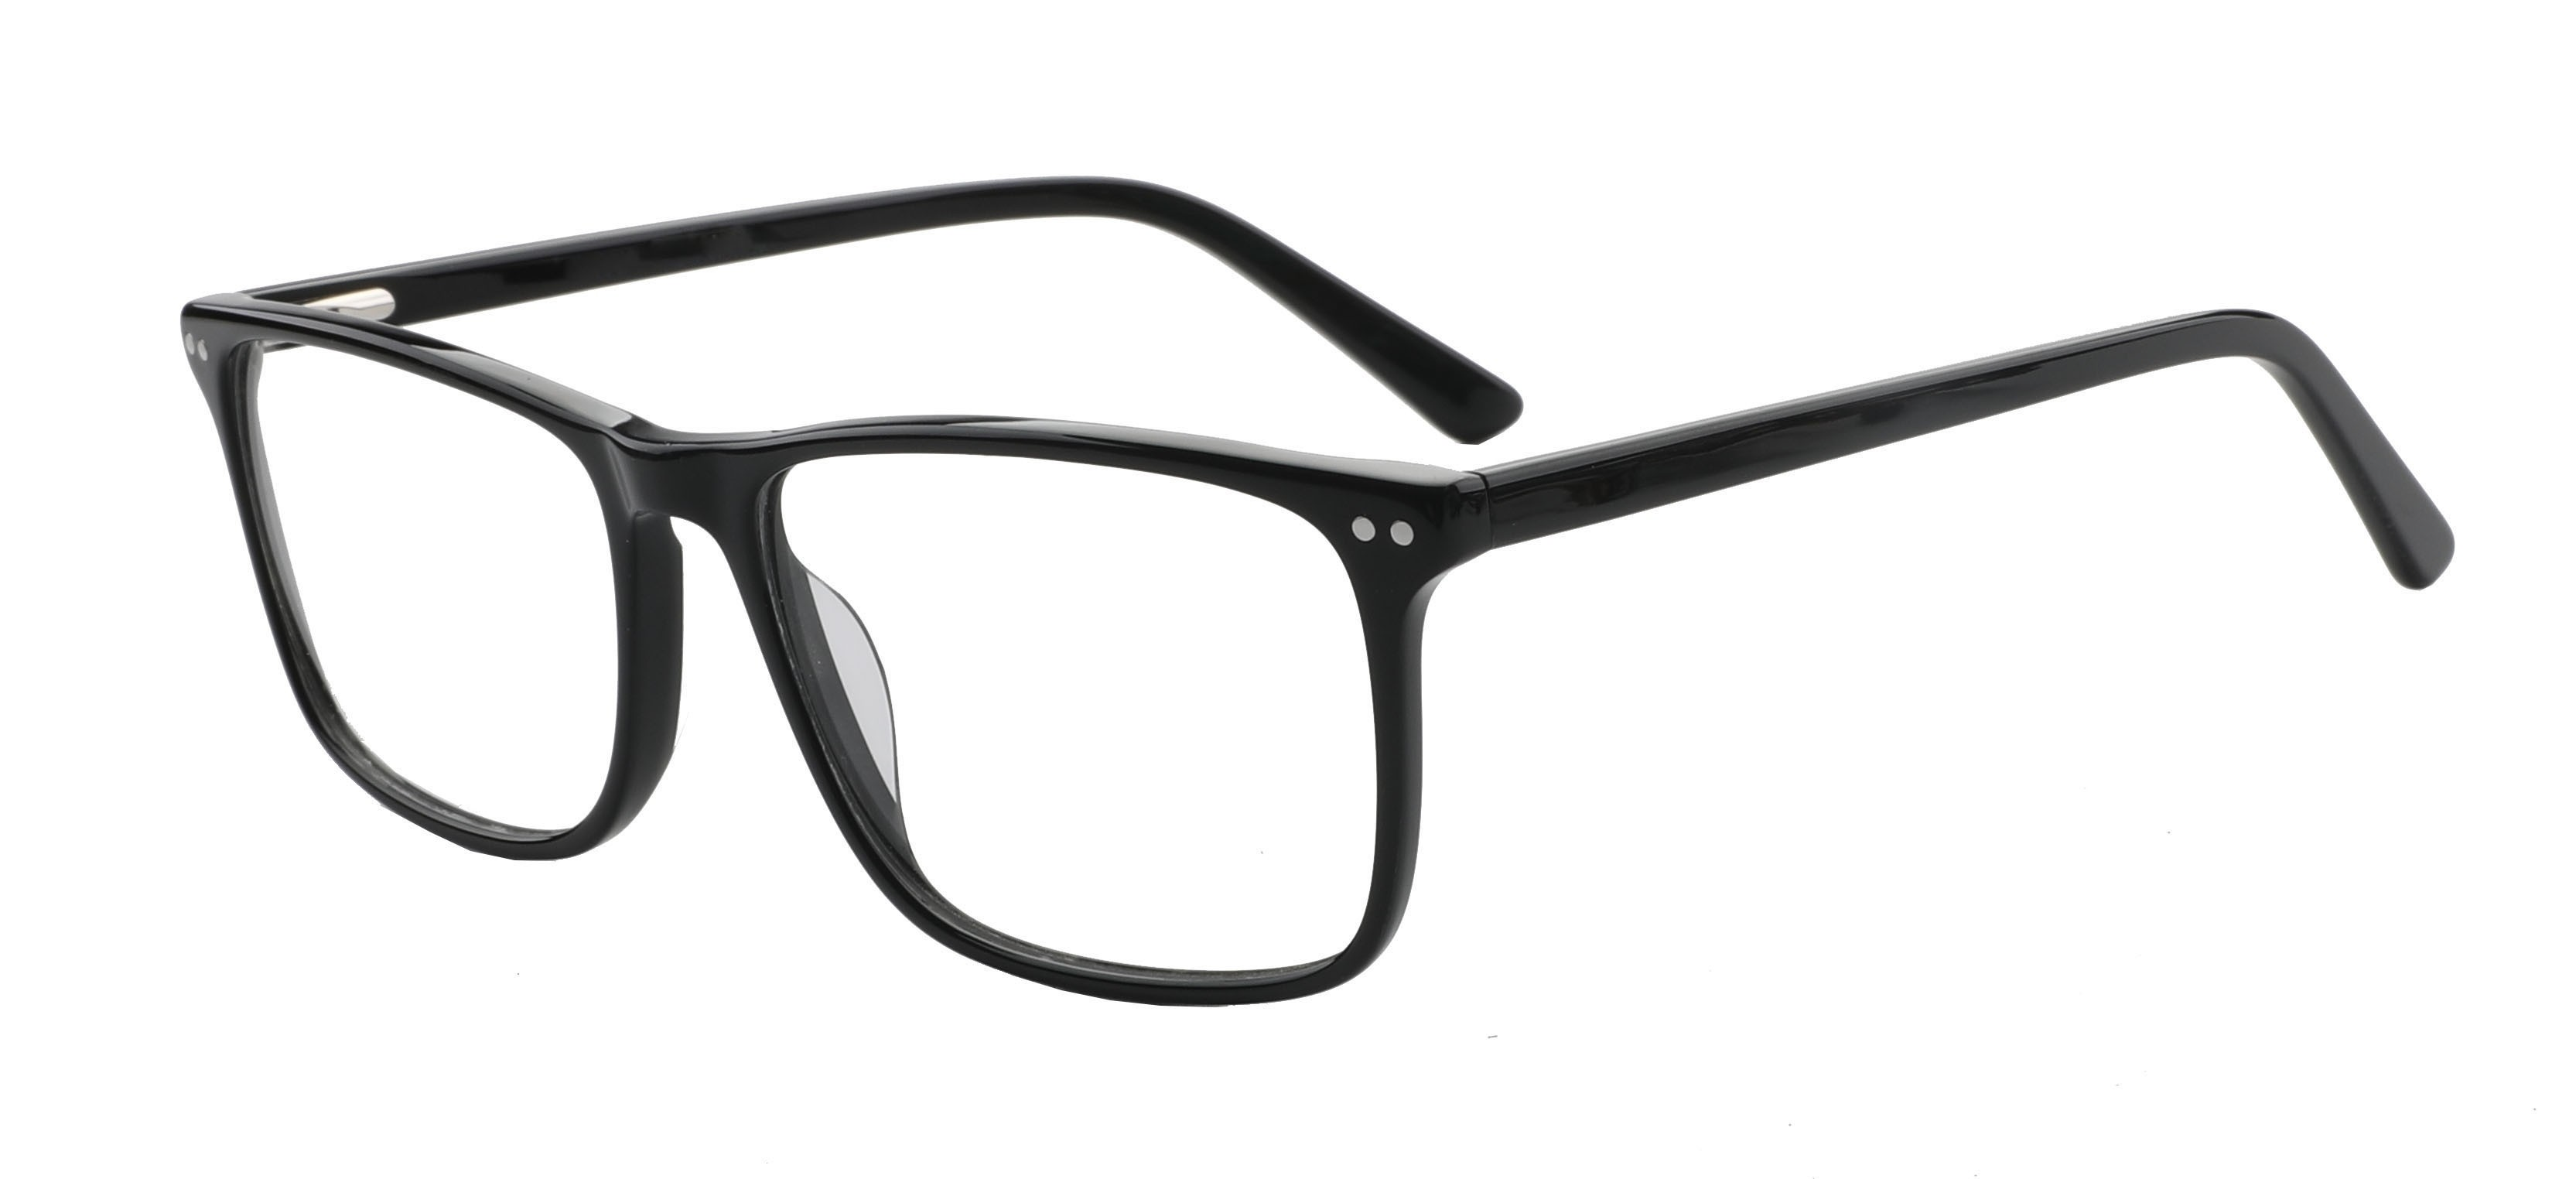 David Black sinise valguse prillid